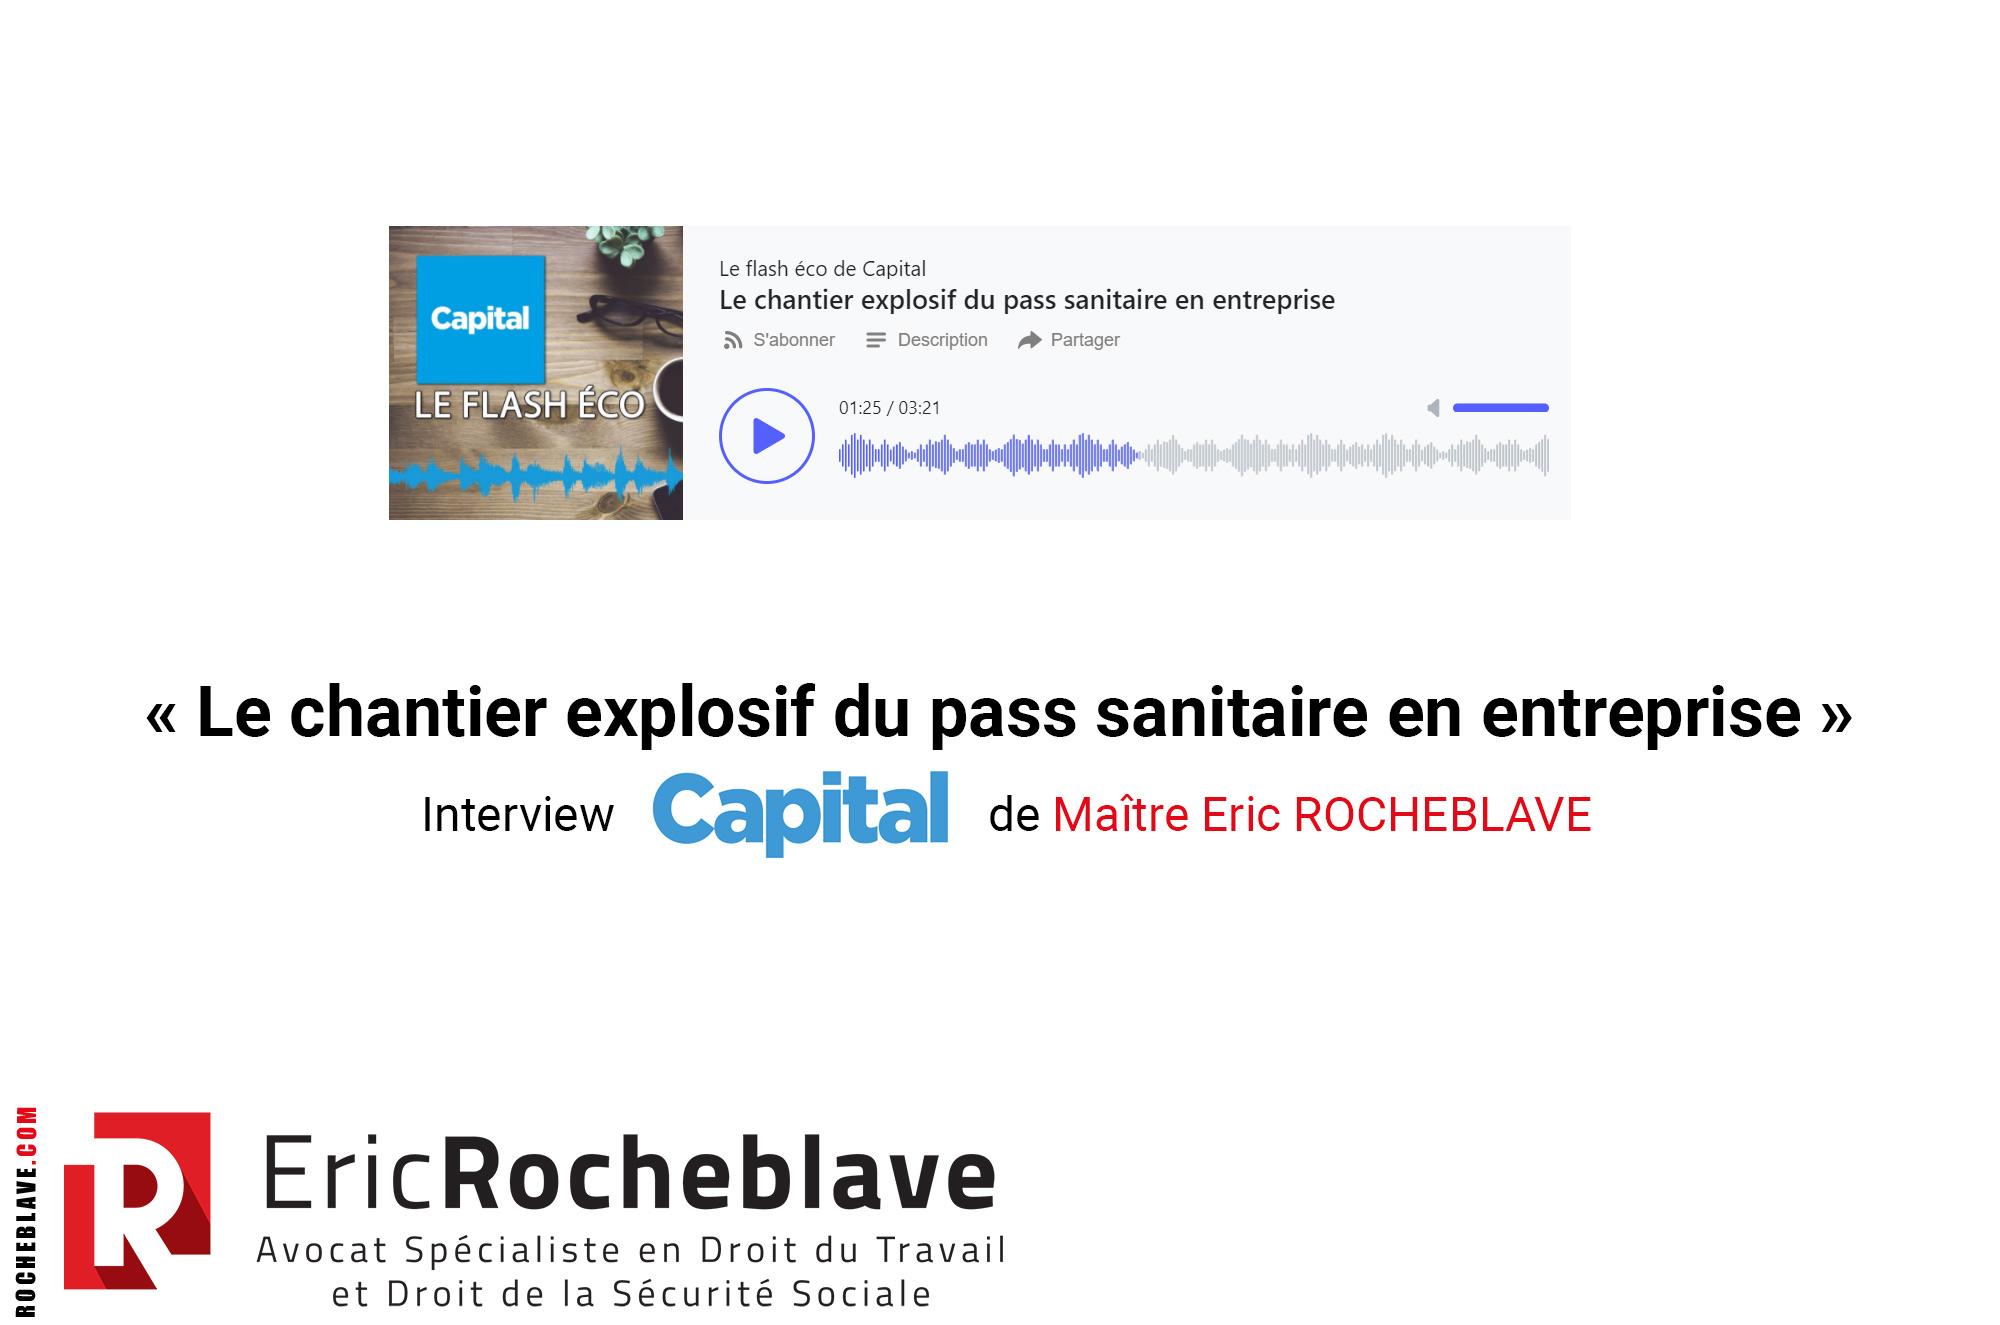 « Le chantier explosif du pass sanitaire en entreprise » Interview Capital de Maître Eric ROCHEBLAVE